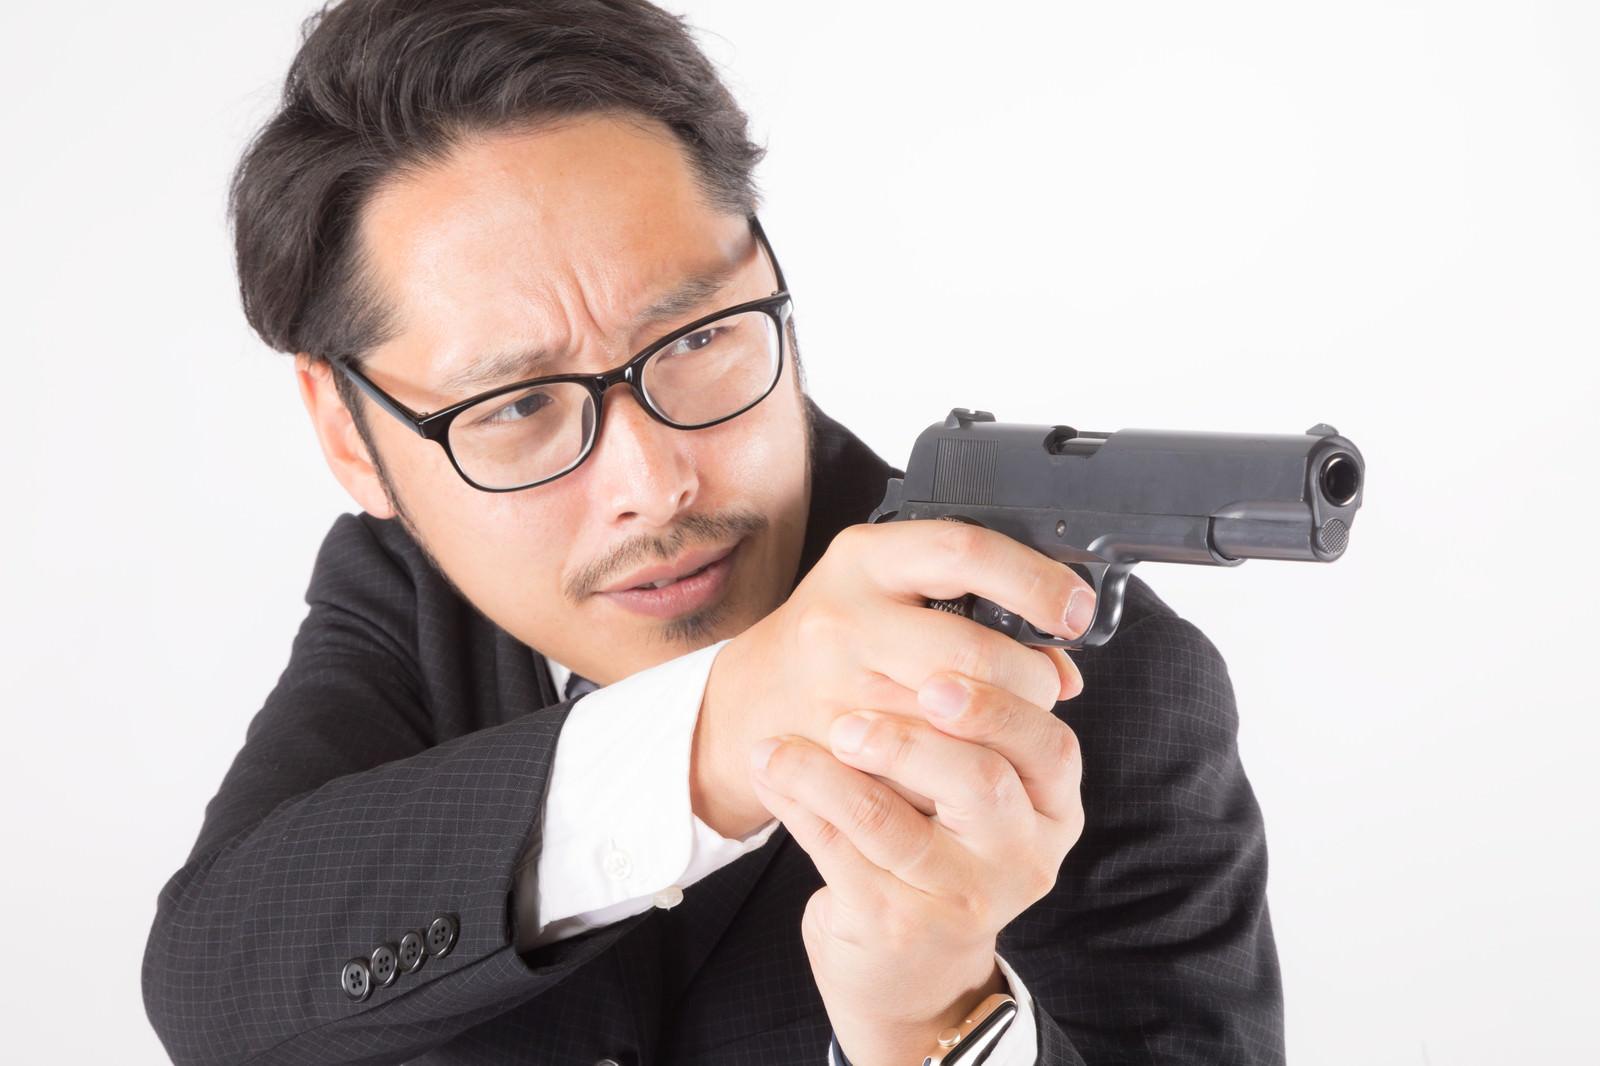 「近接戦闘の射撃スタイル」の写真[モデル:ゆうせい]